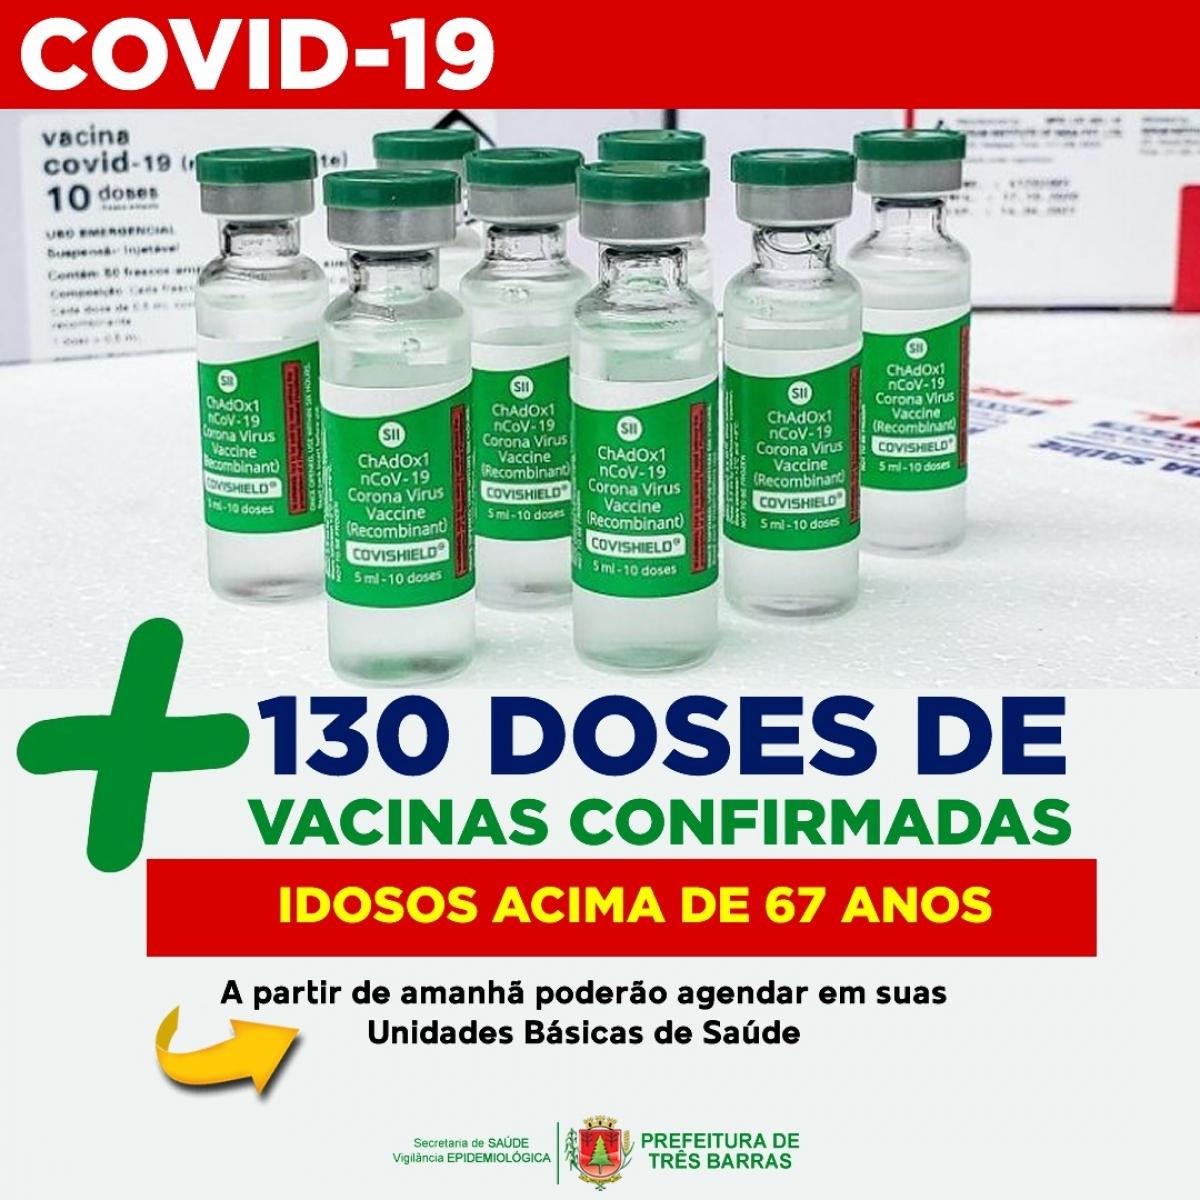 IDOSOS ACIMA DE 67 ANOS PODERÃO AGENDAR AS PRIMEIRAS DOSES DE VACINAS EM SUAS UNIDADES DE SAÚDE A PARTIR DESTA TERÇA-FEIRA